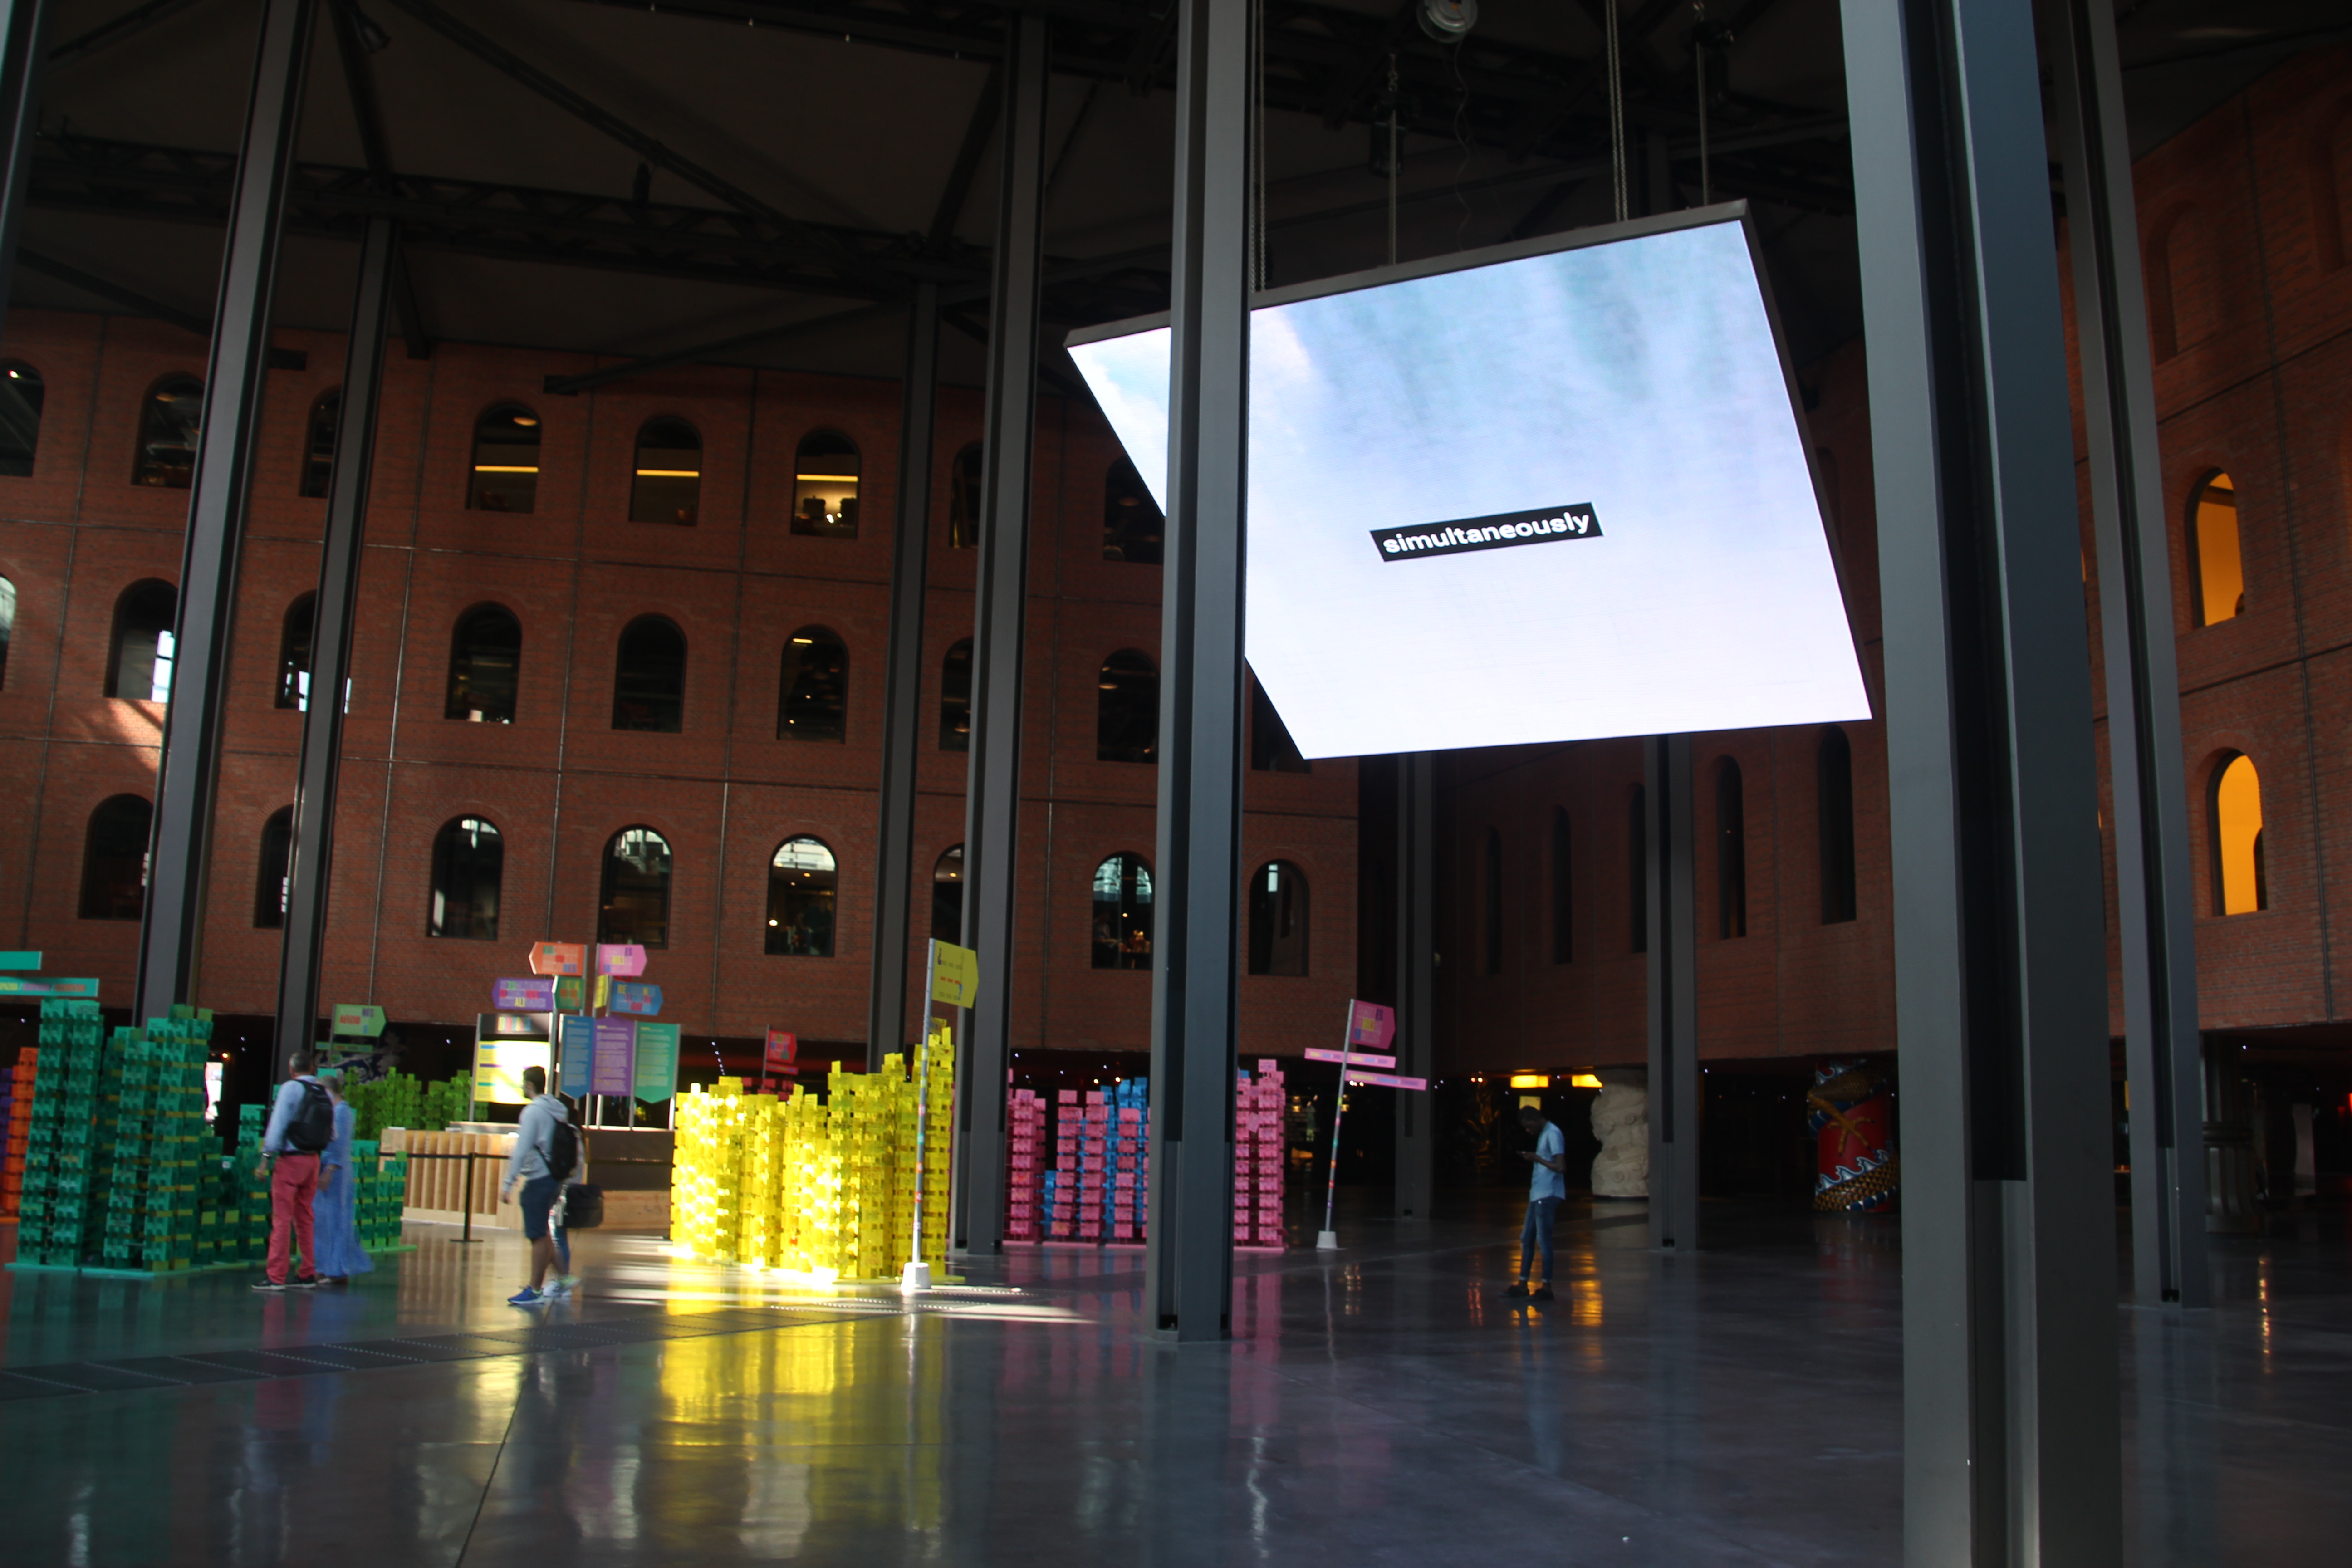 Identidad Cuántica, Alhóndiga Bilbao, julio 2019